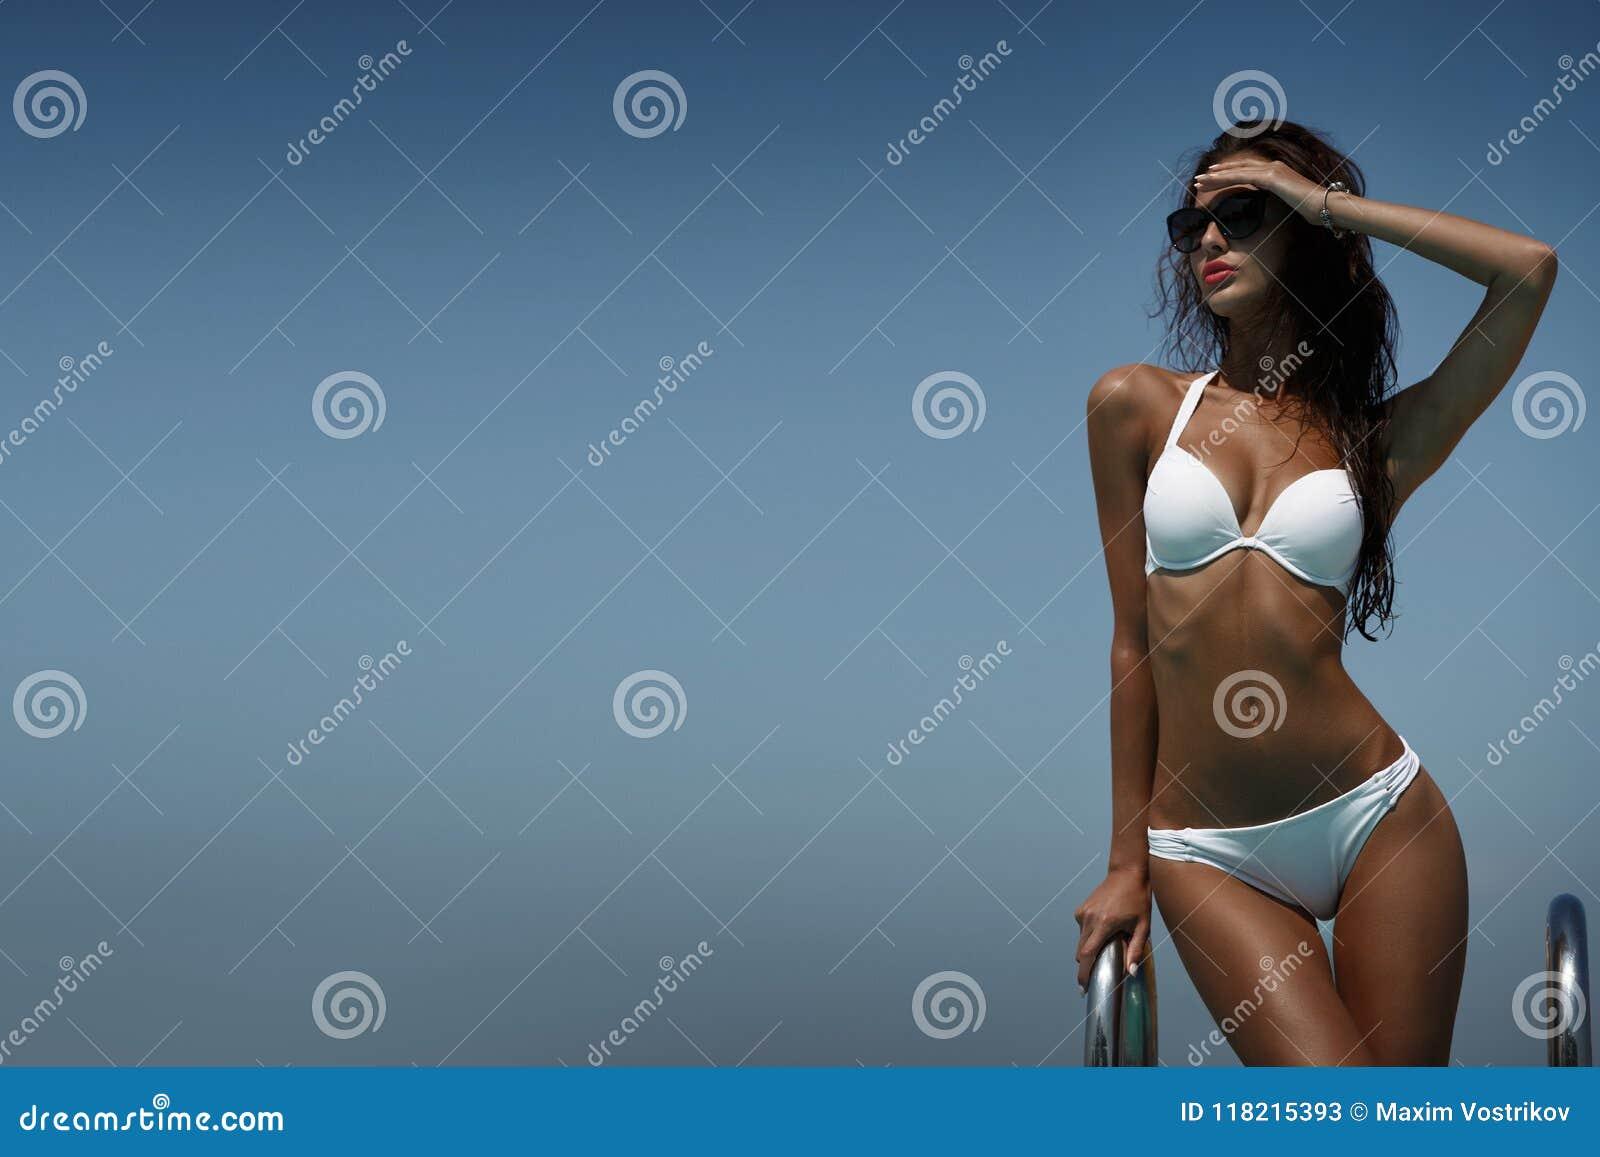 Элегантная женщина в белом бикини на солнц-загоренном тонком теле представляет около бассейна в хорошей жаркой погоде